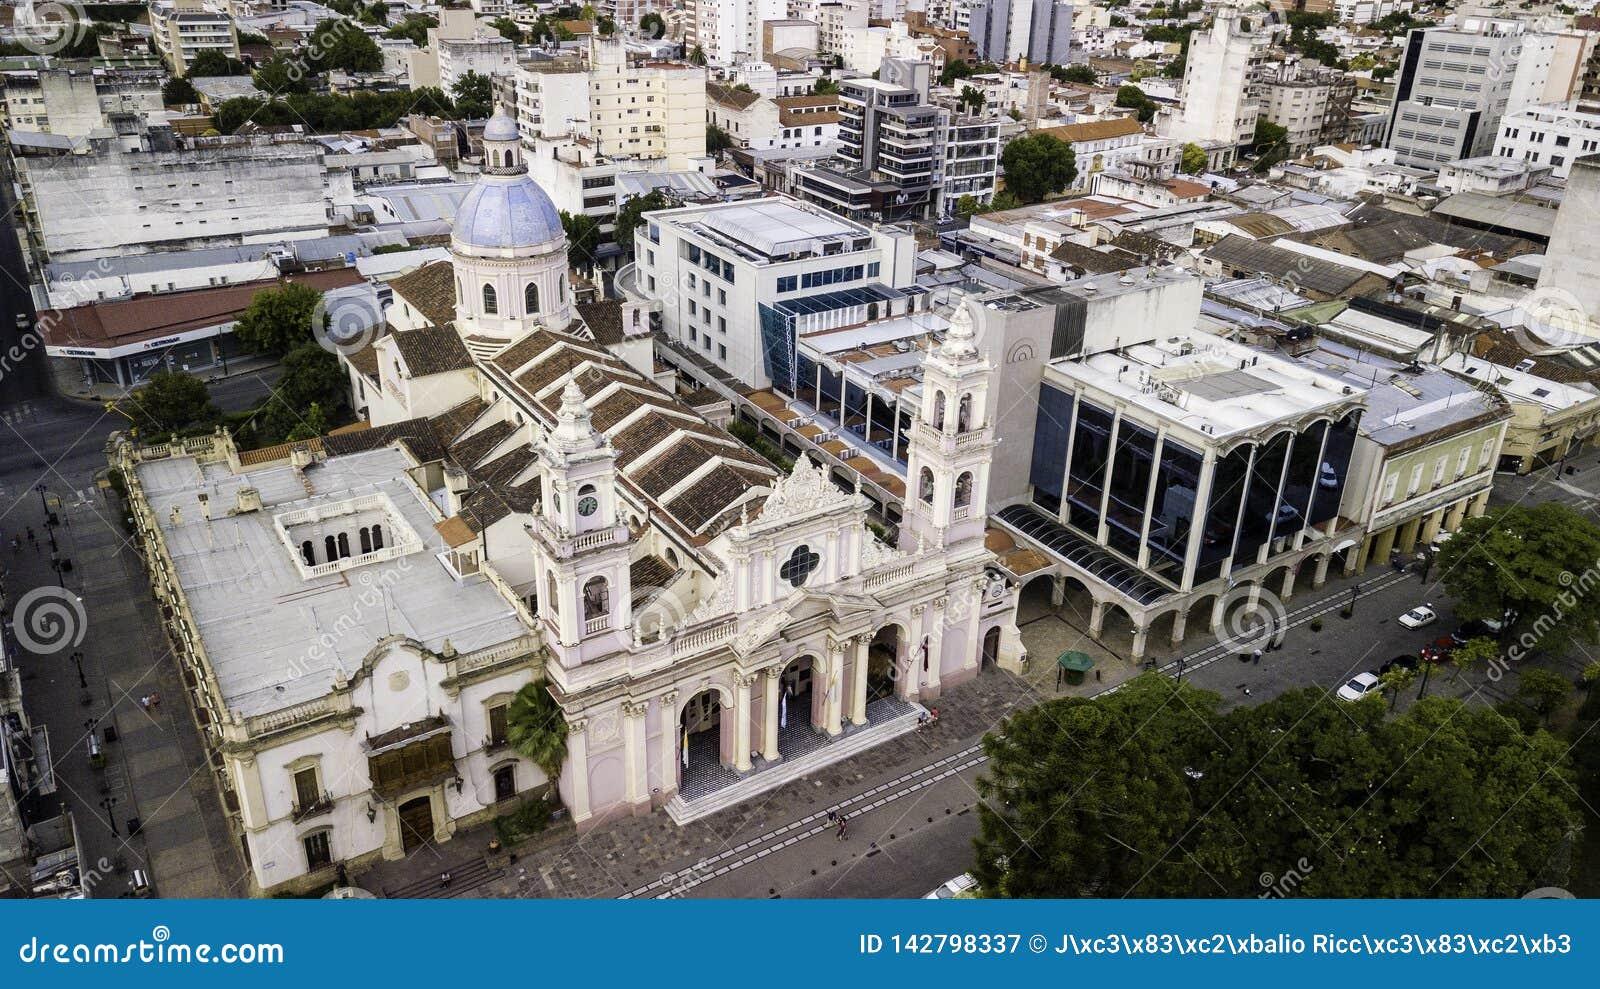 Salta/Salta/Argentina - 01 01 19: Епархия архиепископа Salta Богато украшенный собор XIX века ареальных